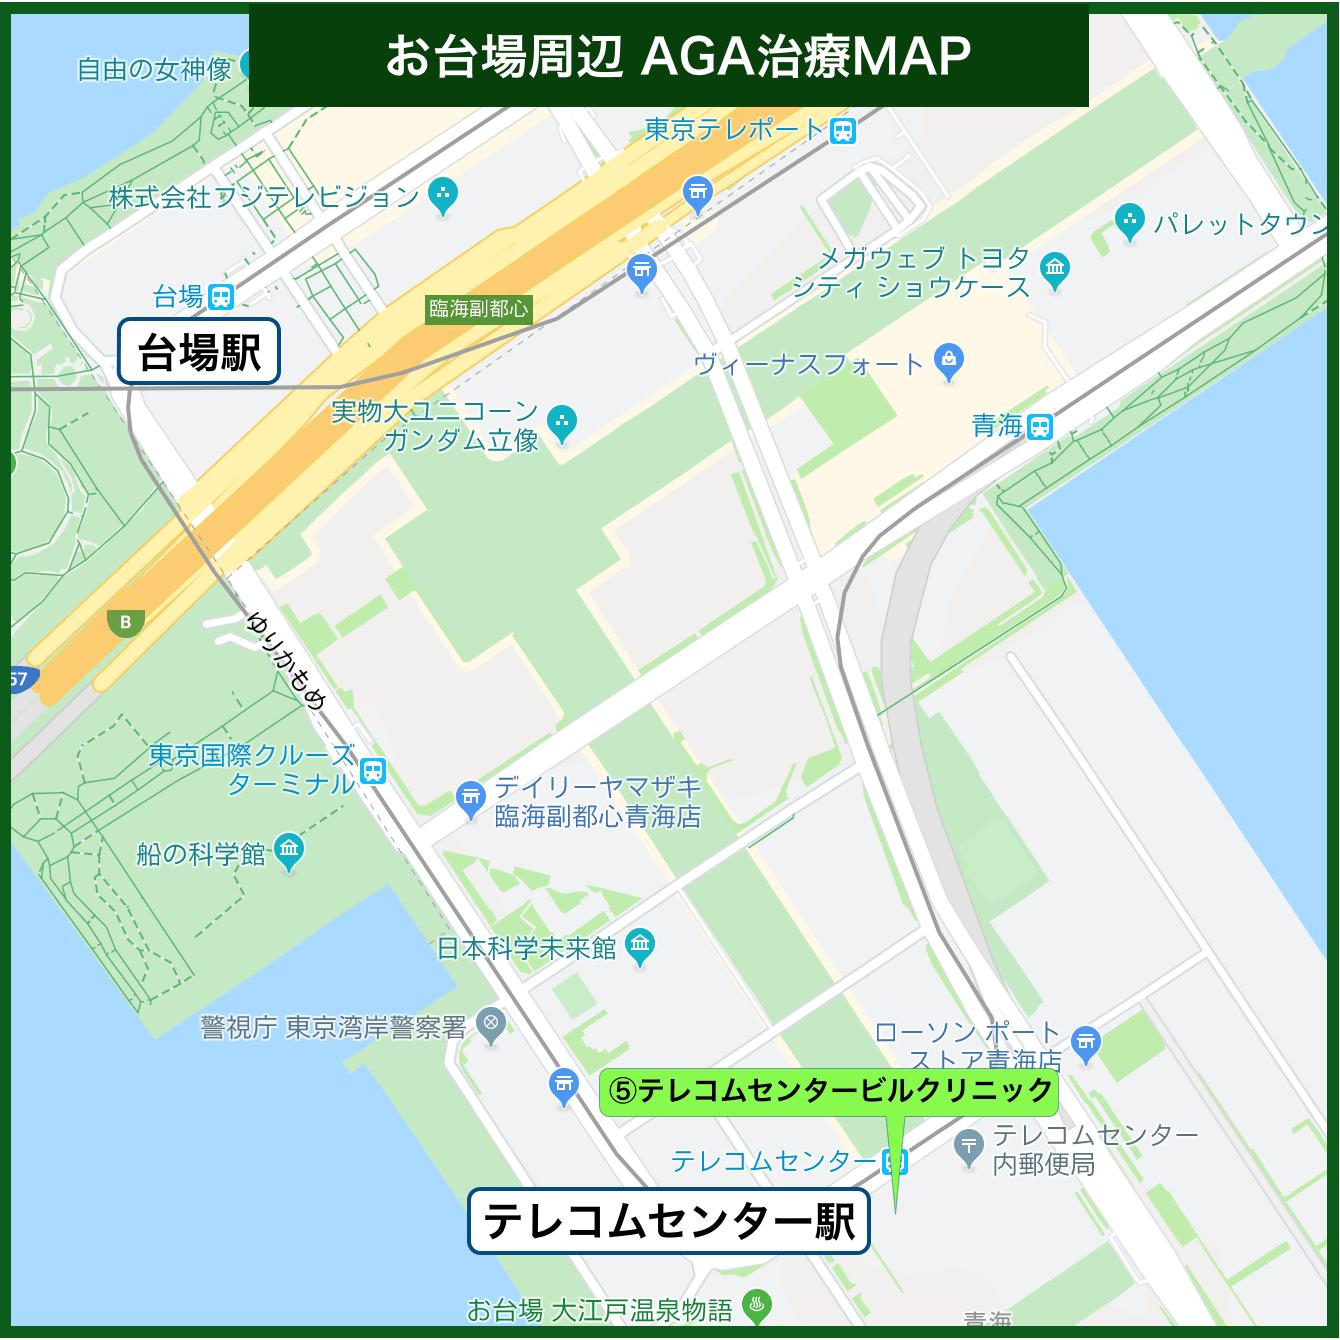 お台場周辺 AGA治療MAP